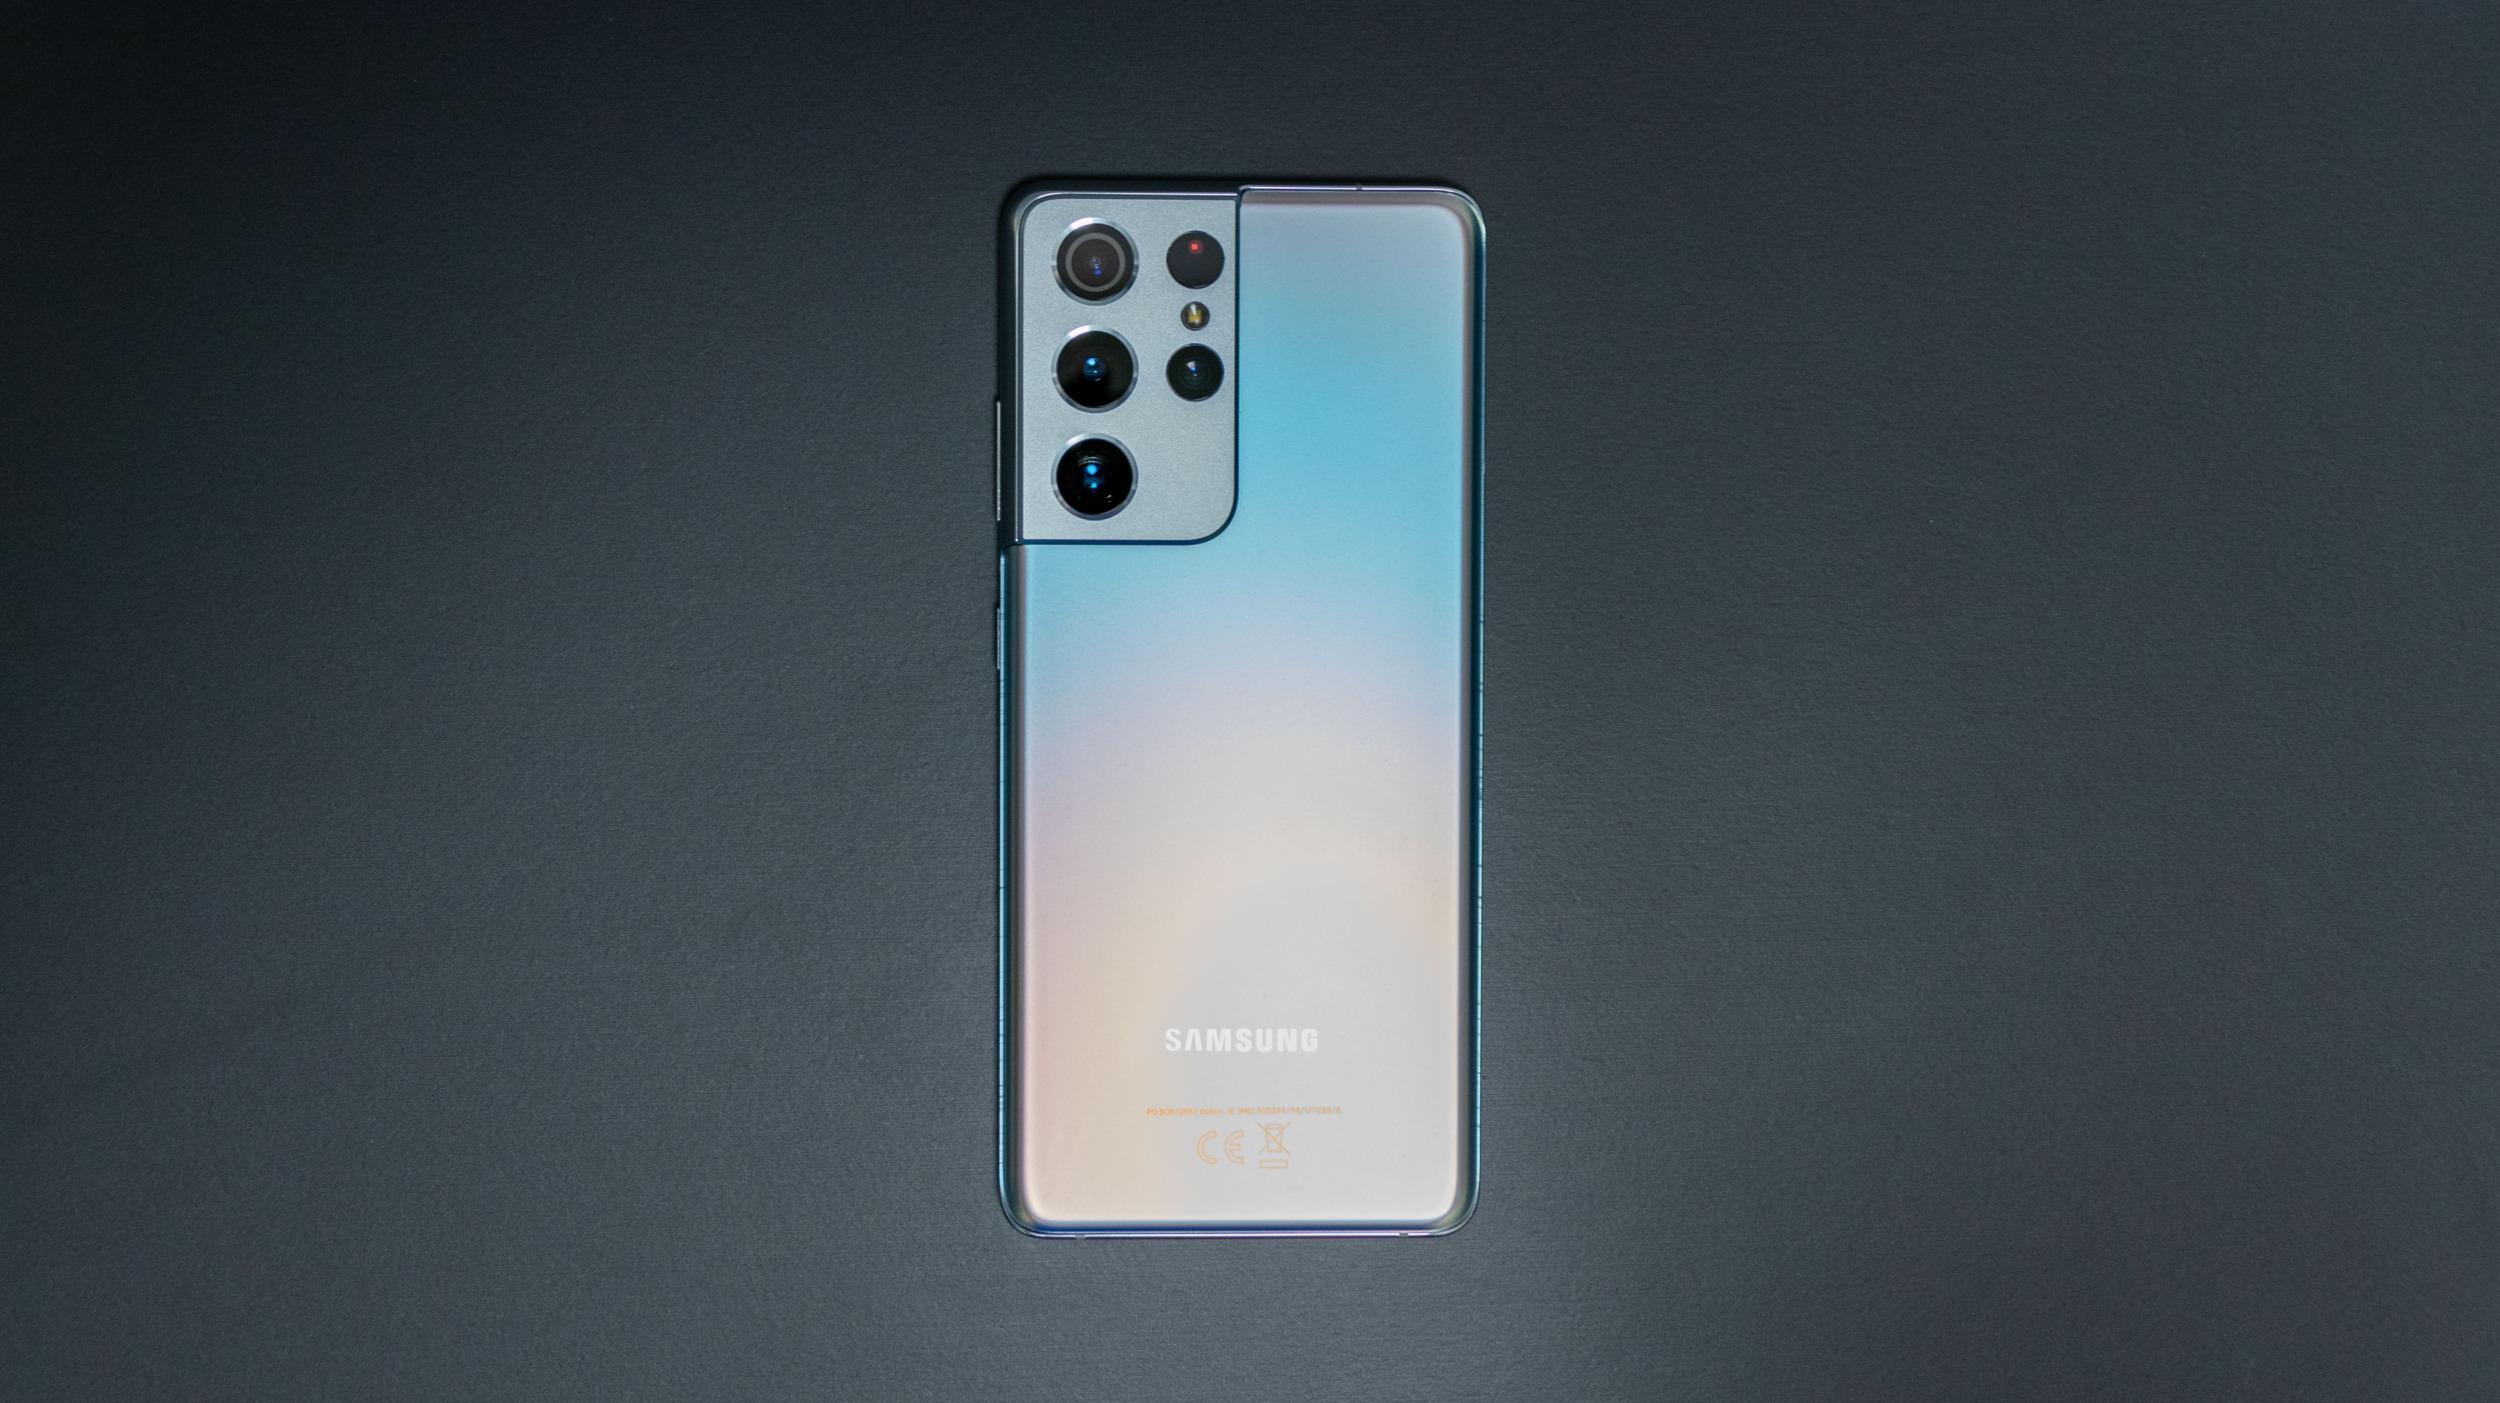 Samsung prodlužuje aktualizace na 5 let, ale jen u jedné kategorie mobilů